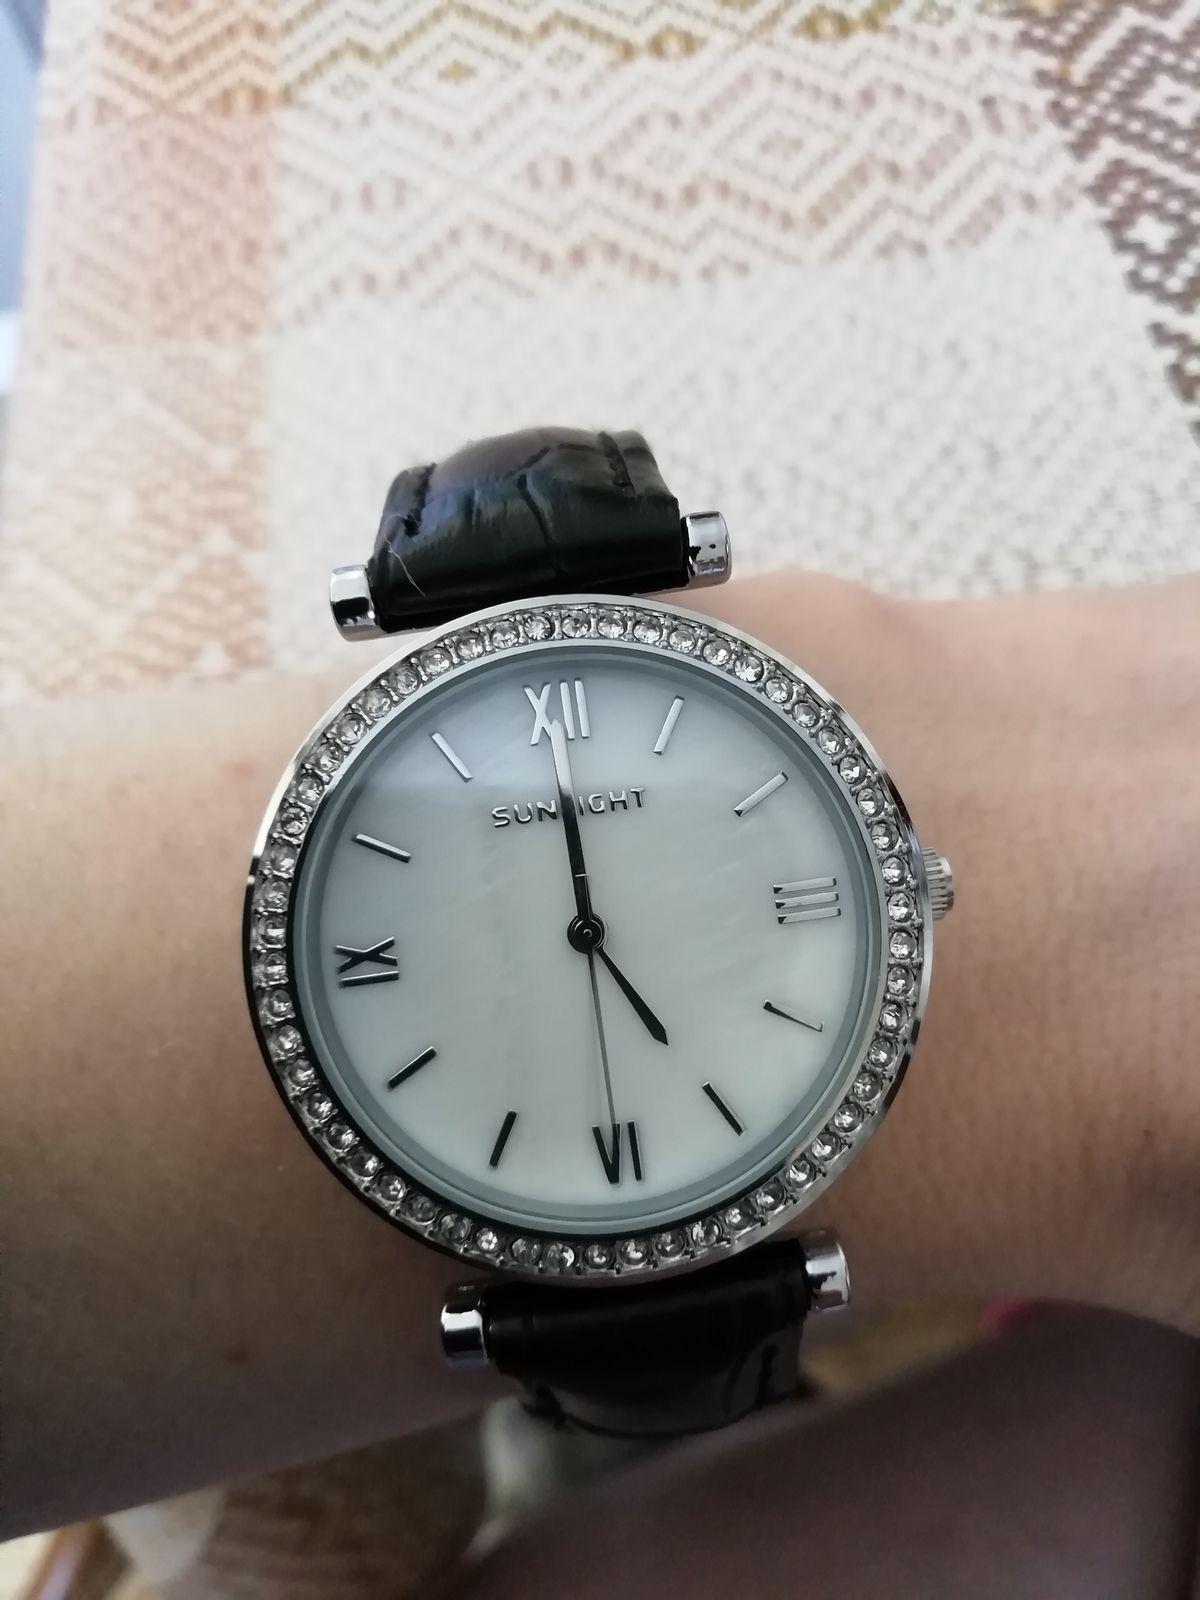 Сегодня купила очень симпатичные, аккуратные часы по акции, я довольна